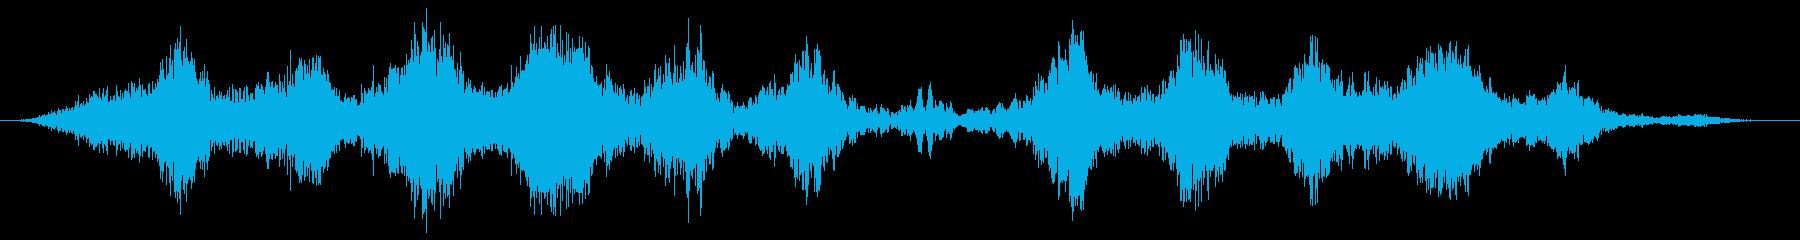 【ホラーゲーム】暗黒の再生済みの波形